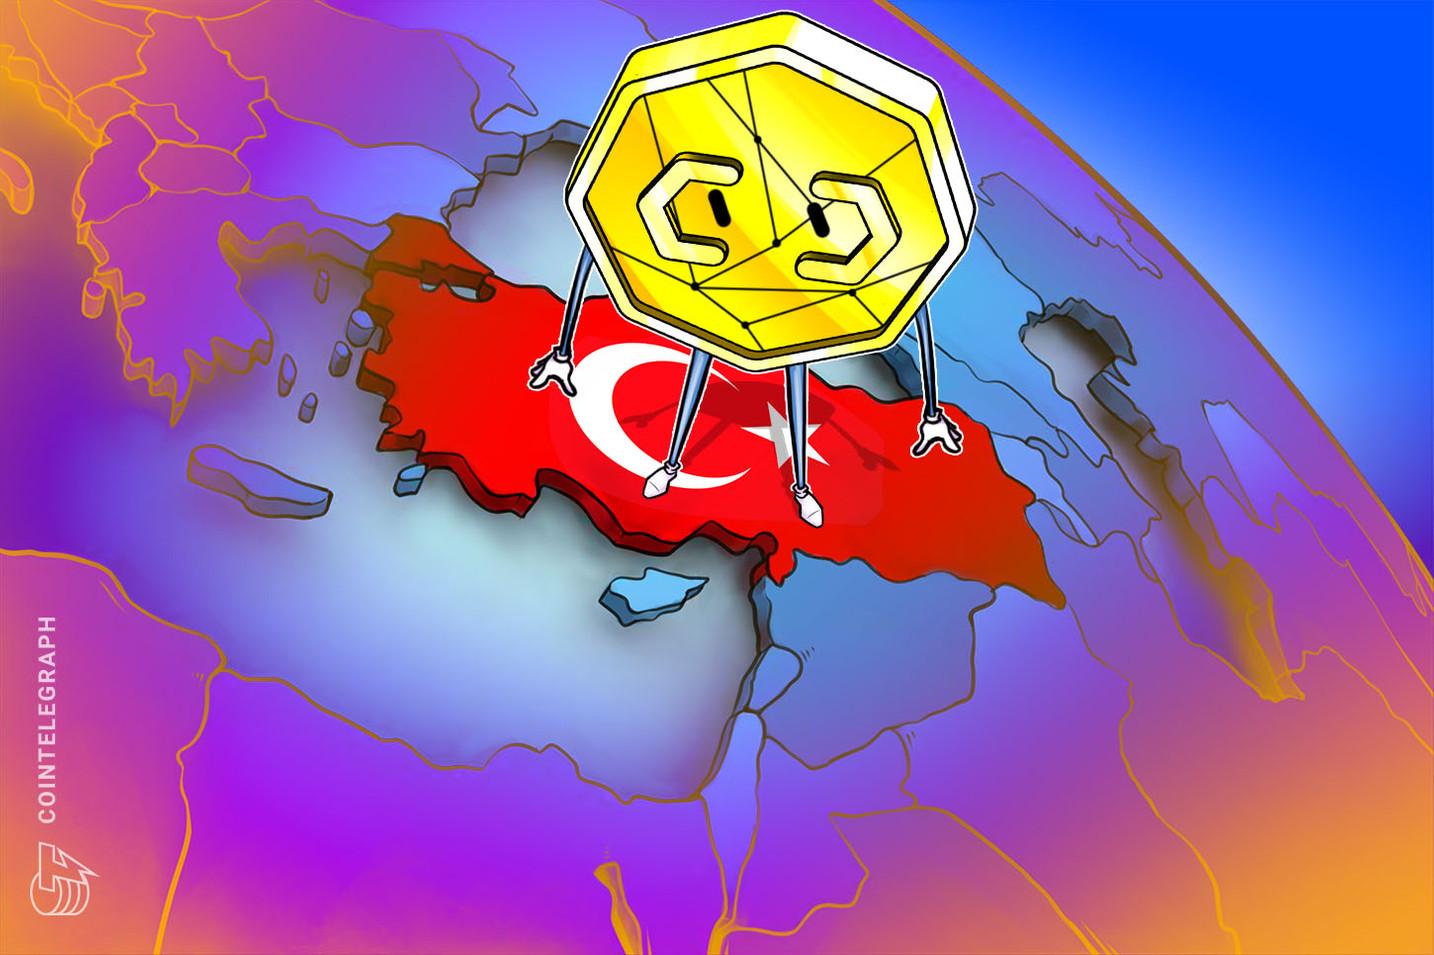 Turkijos kripto sąskaita parengta parlamentui, sako finansų viceministras